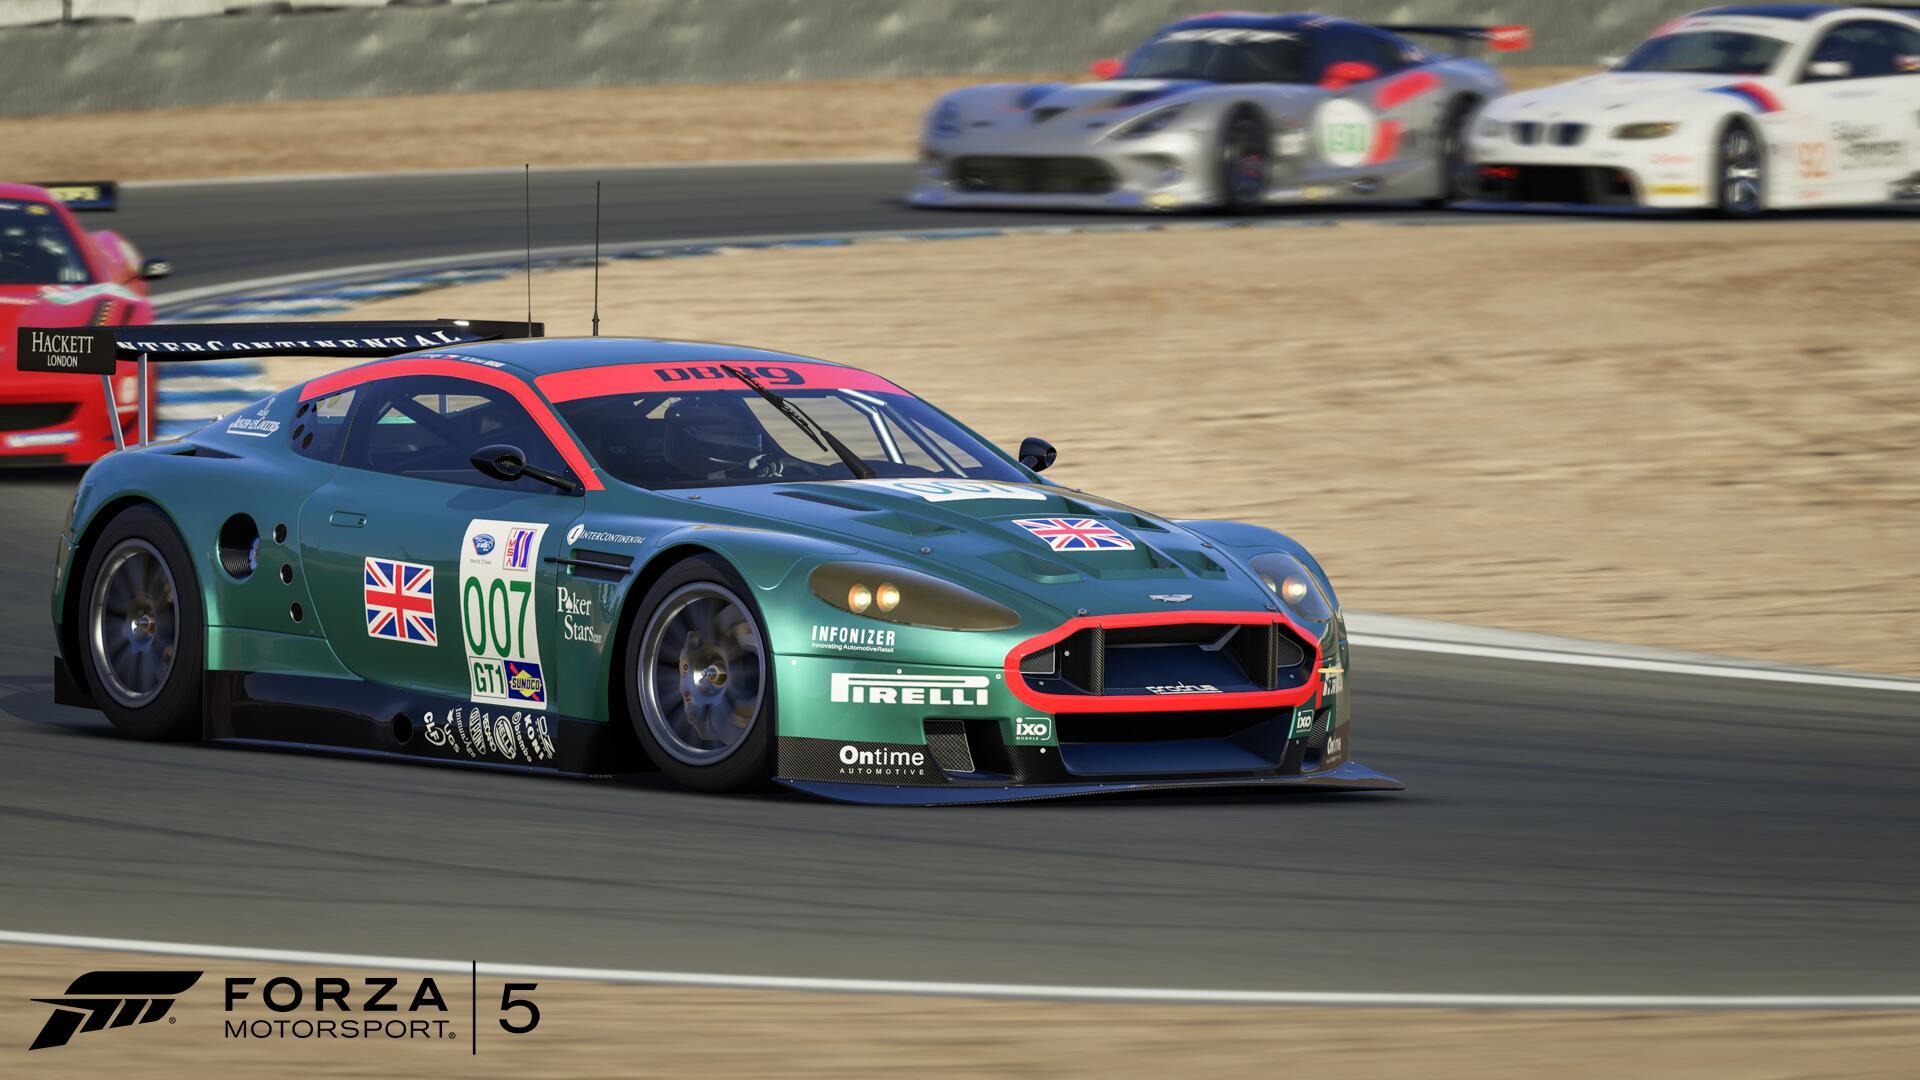 Bild zu Motorsport 5